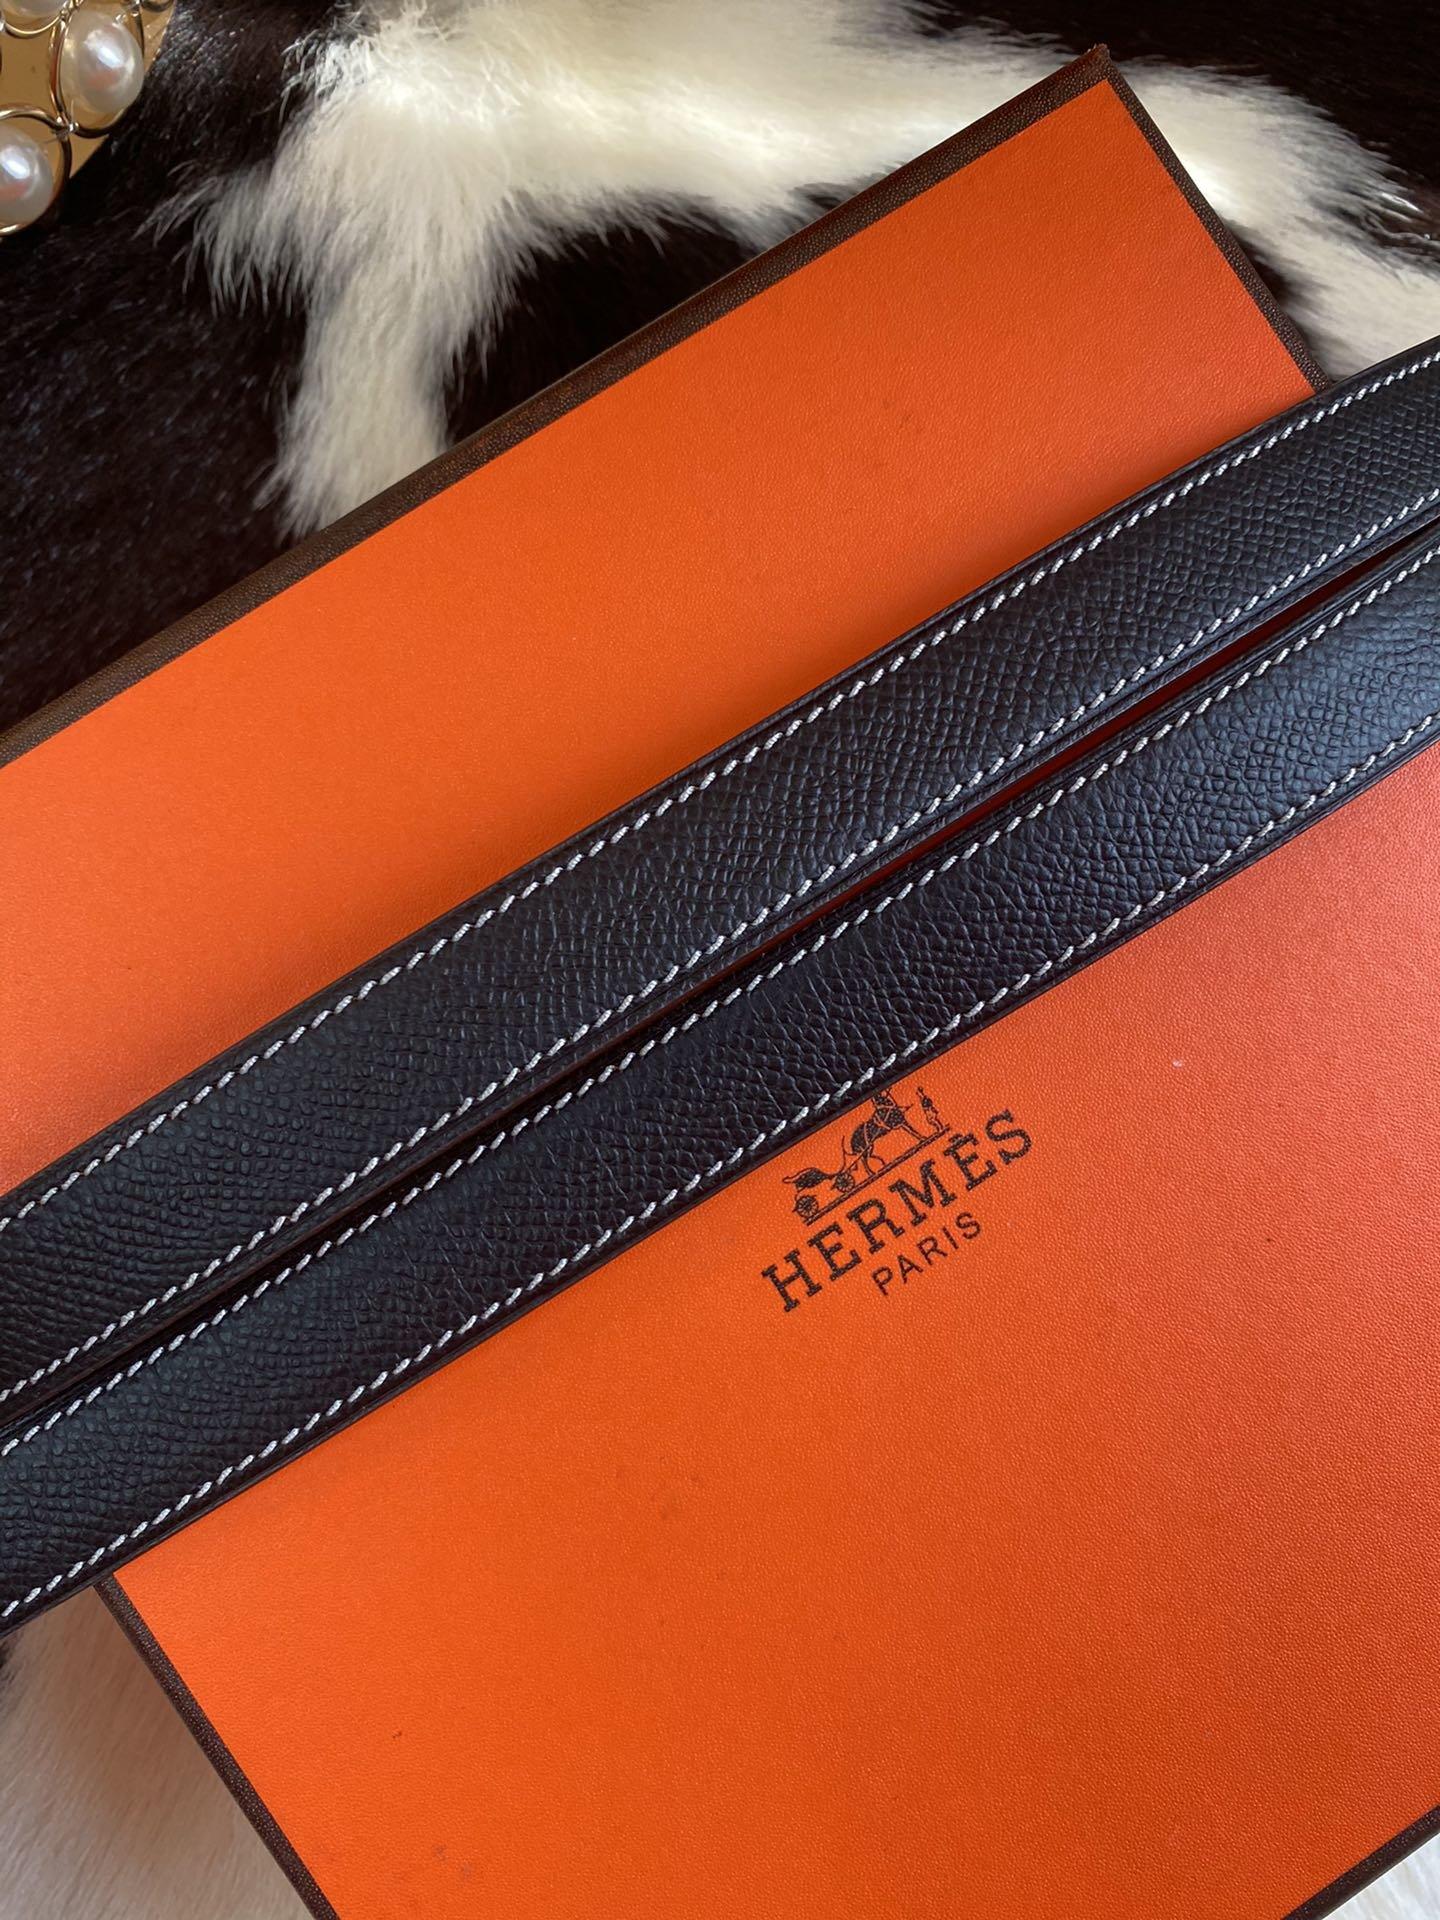 Hermes 2020年度全新升级版,网红系列手掌纹腰带(图3)